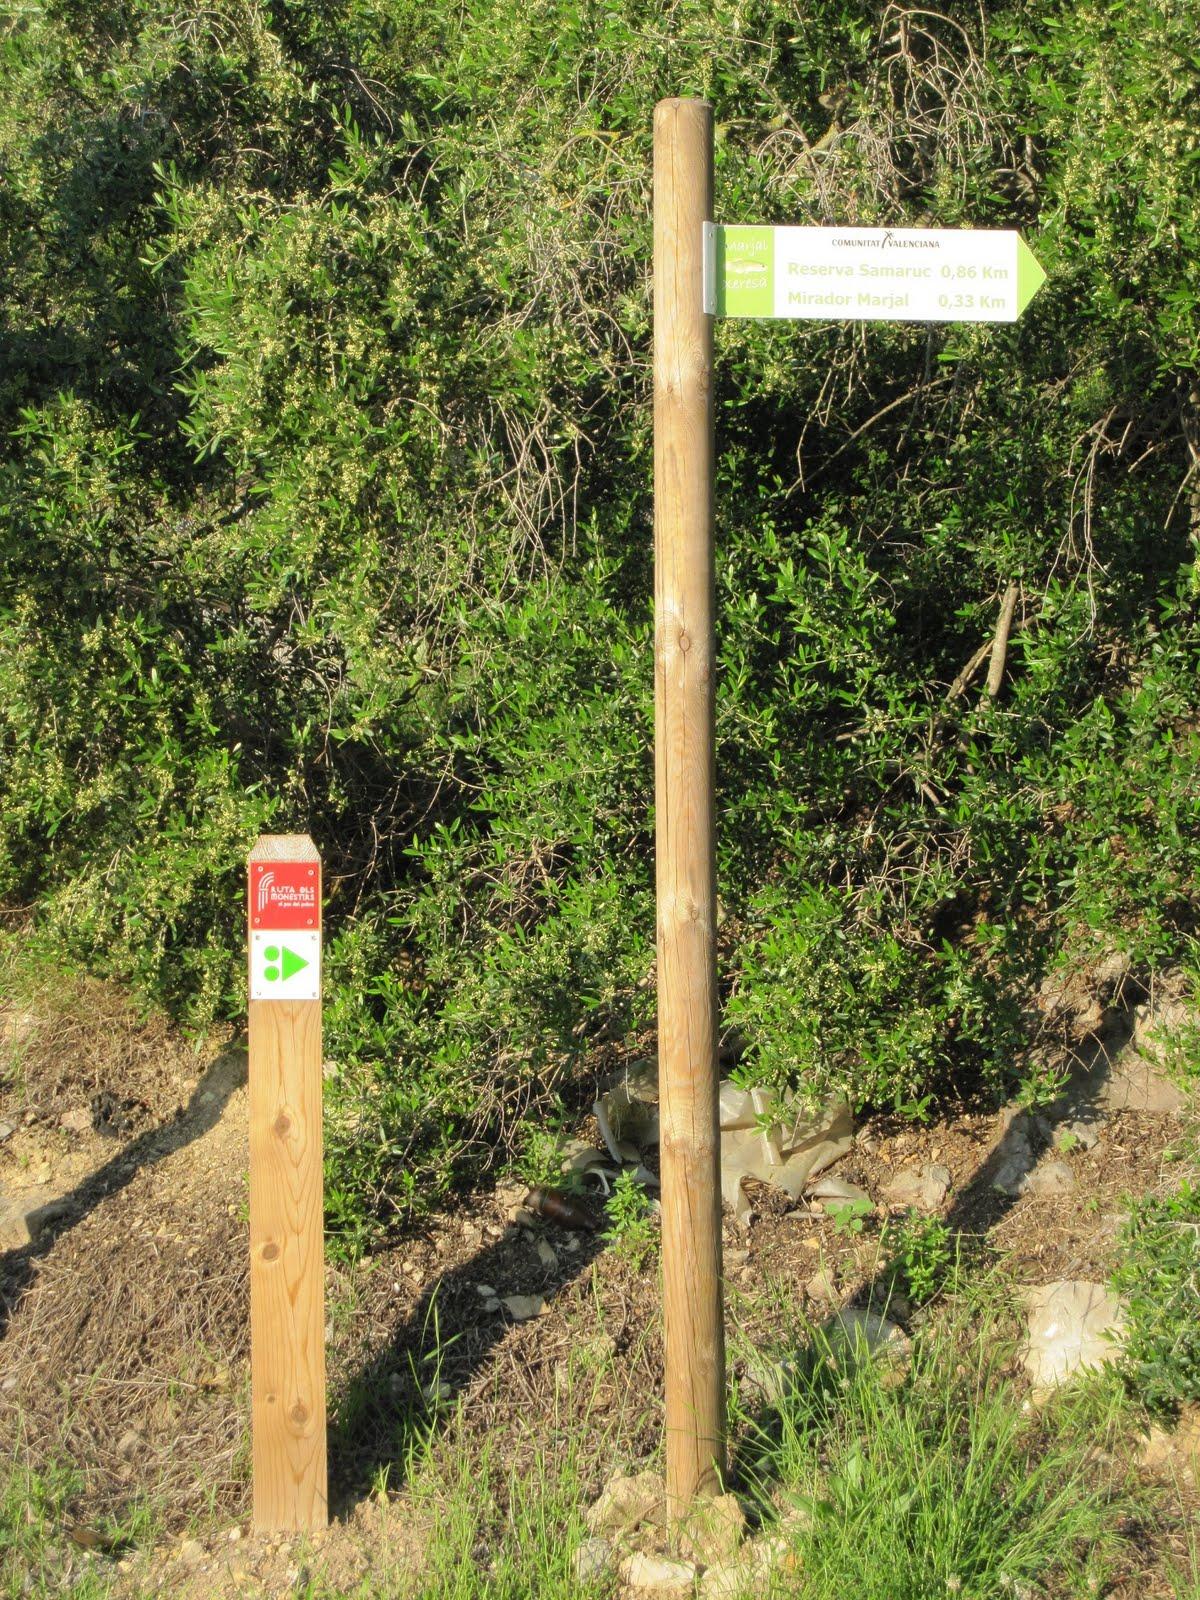 Senyals marjal de Xeresa a la muntanyeta de la Creueta